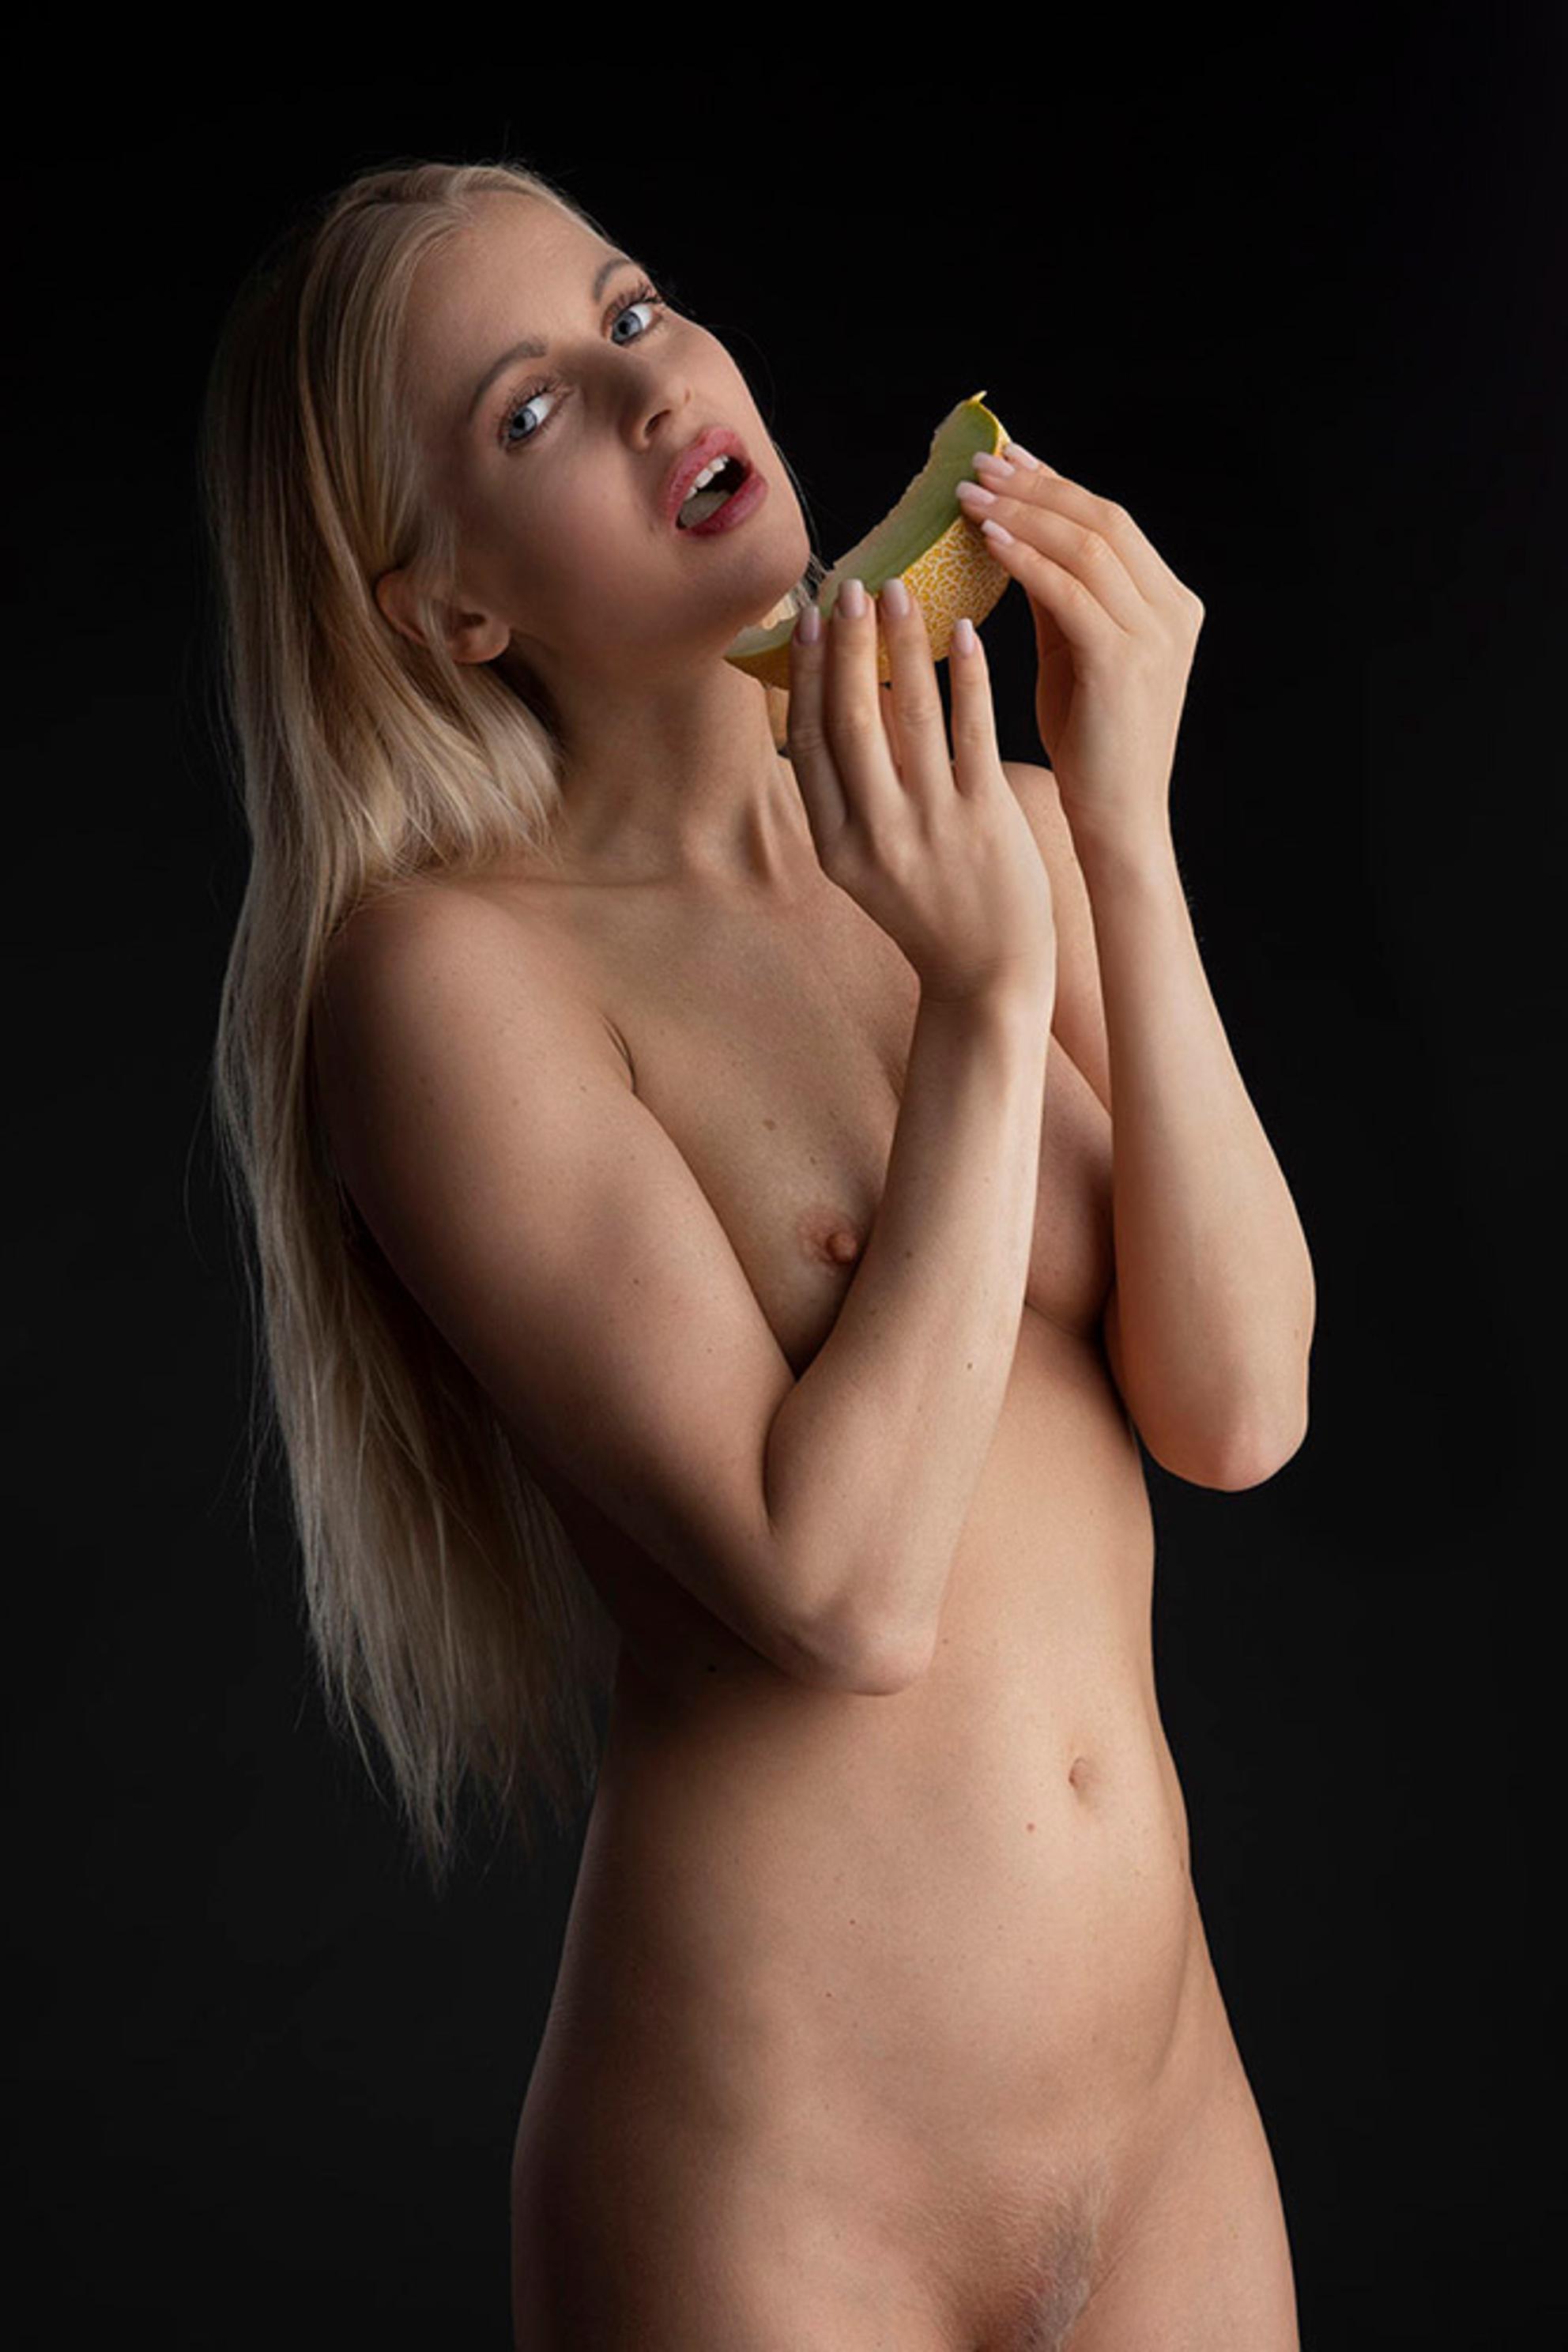 Meloen - model is Anna Johansson - foto door jhslotboom op 08-03-2021 - Deze foto mag gebruikt worden in een Zoom.nl publicatie